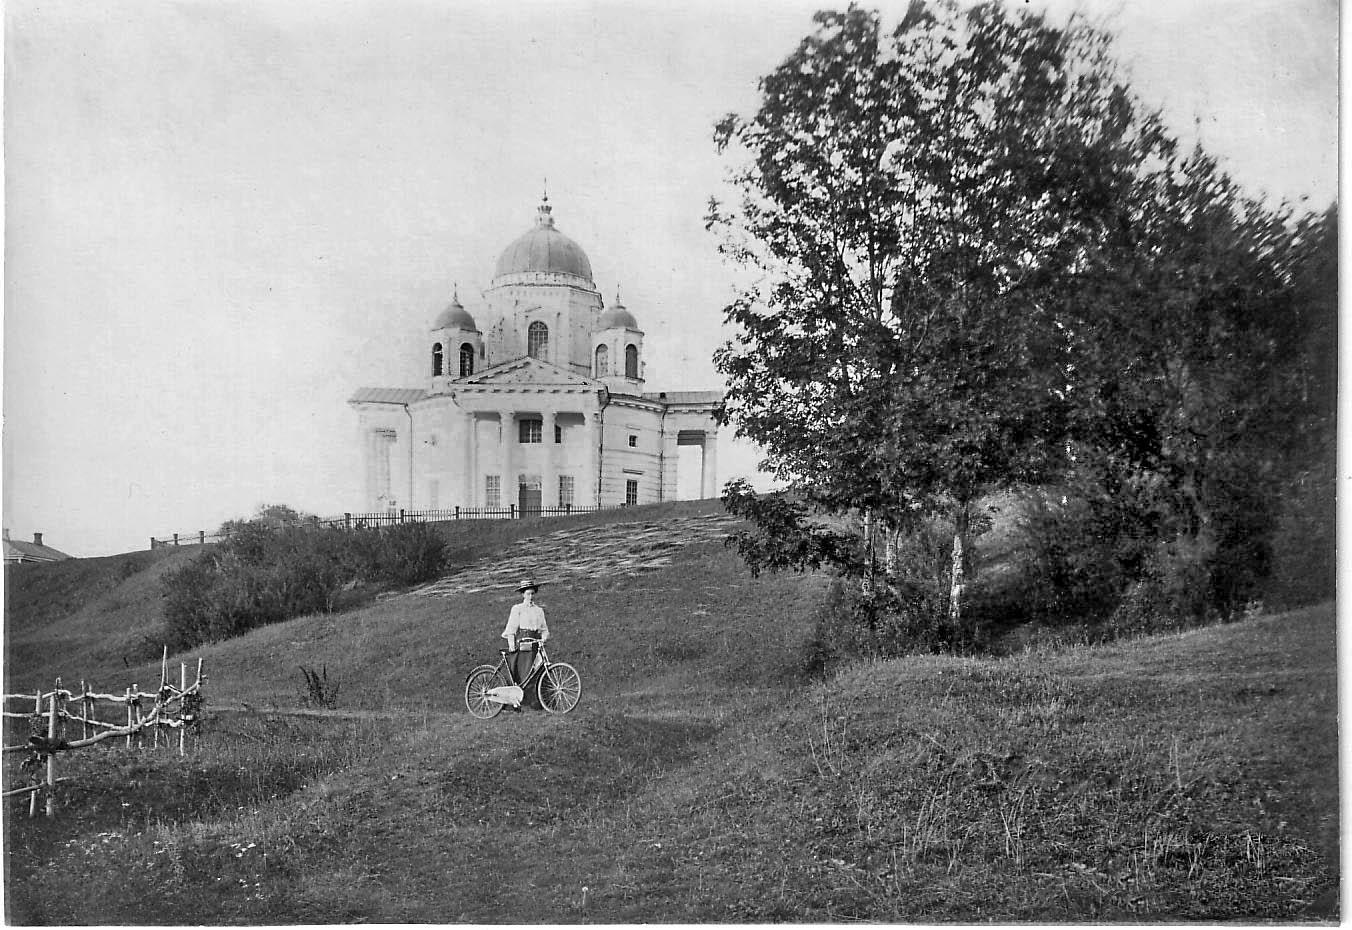 Окрестности города. Церковь села Дядьково